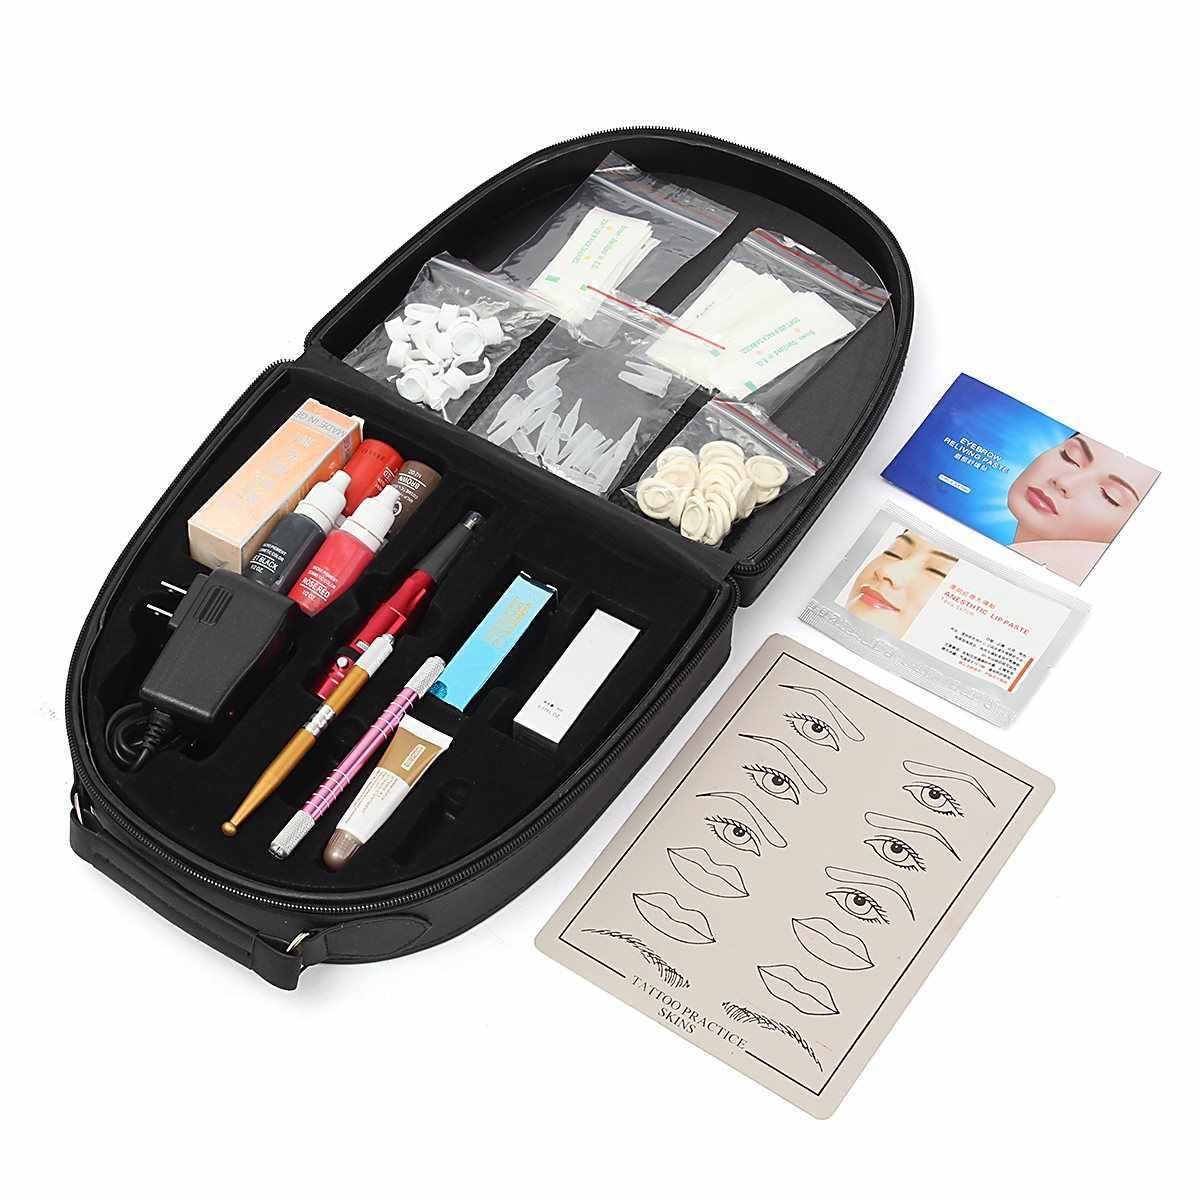 מקצועי גבות קעקוע מכונת ערכת קעקוע עובד רוטרי רובים סט שלם עבור קבוע איפור יופי עין שפתיים אייליינר